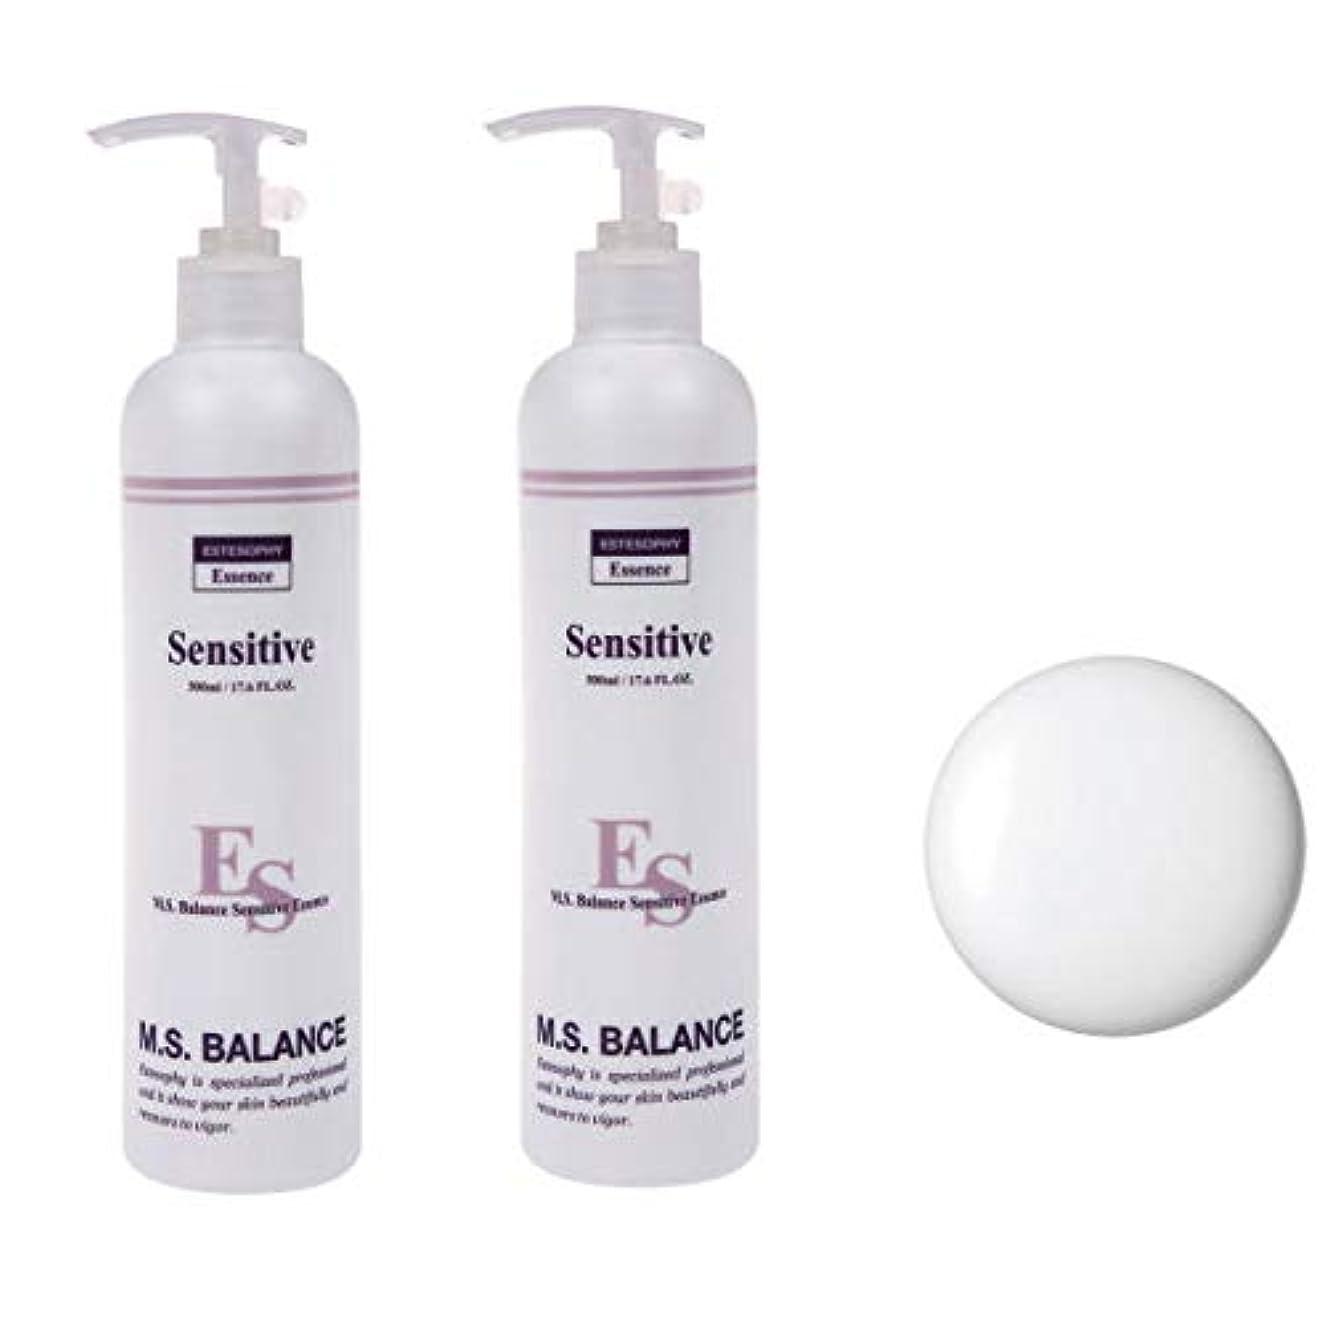 最後の鼻アストロラーベ< エステソフィー MSバランス > センシティブ エッセンス 500ml (2個セット) [ 乳液 敏感肌 エマルジョン モイスチャーミルク 保湿乳液 エッセンス フェイス 業務用 ]